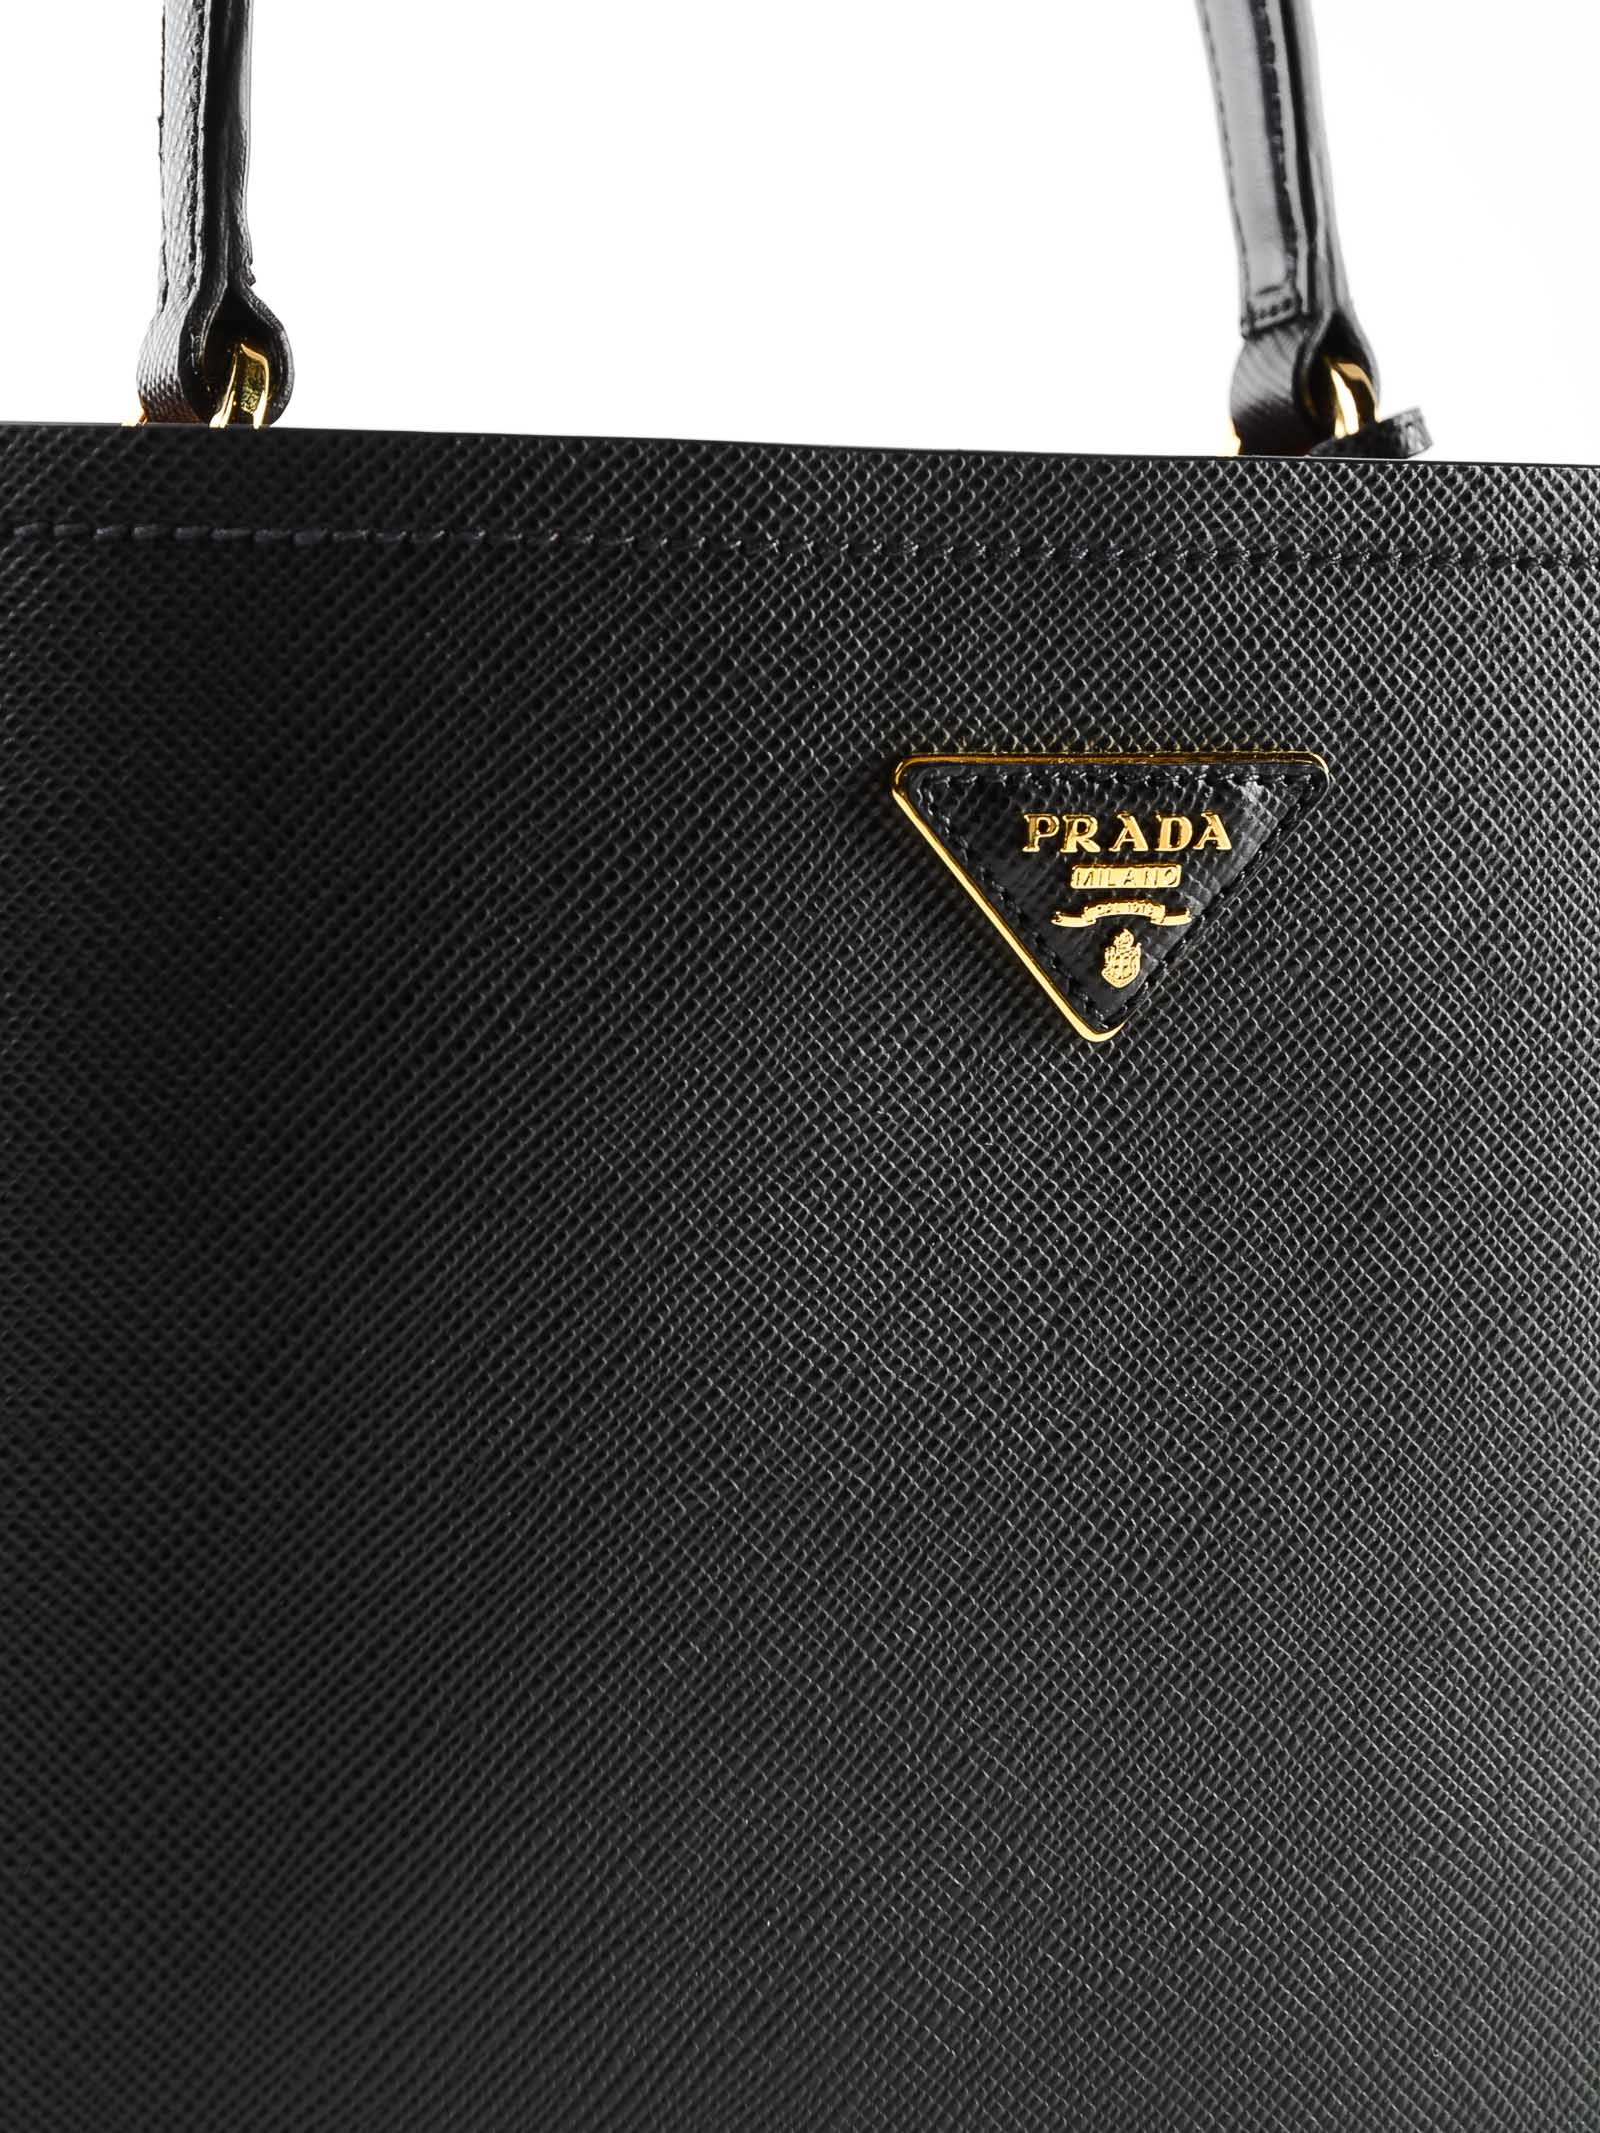 5a7246a1b9f2e2 Prada Prada City Logo Plaque Tote - Nero/fuoco - 10938230 | italist